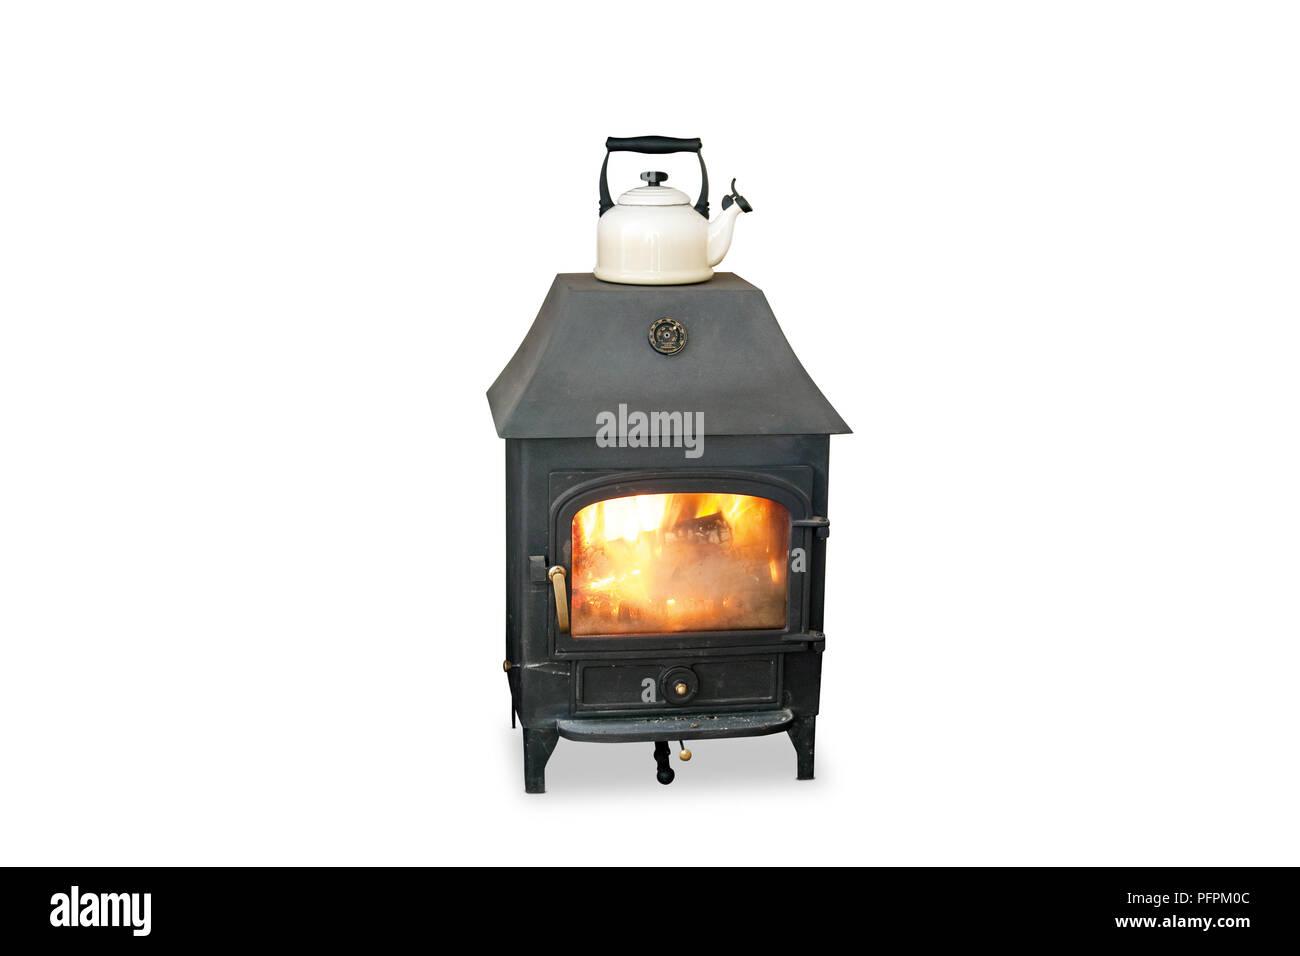 Kettle on wood-burning stove - Stock Image